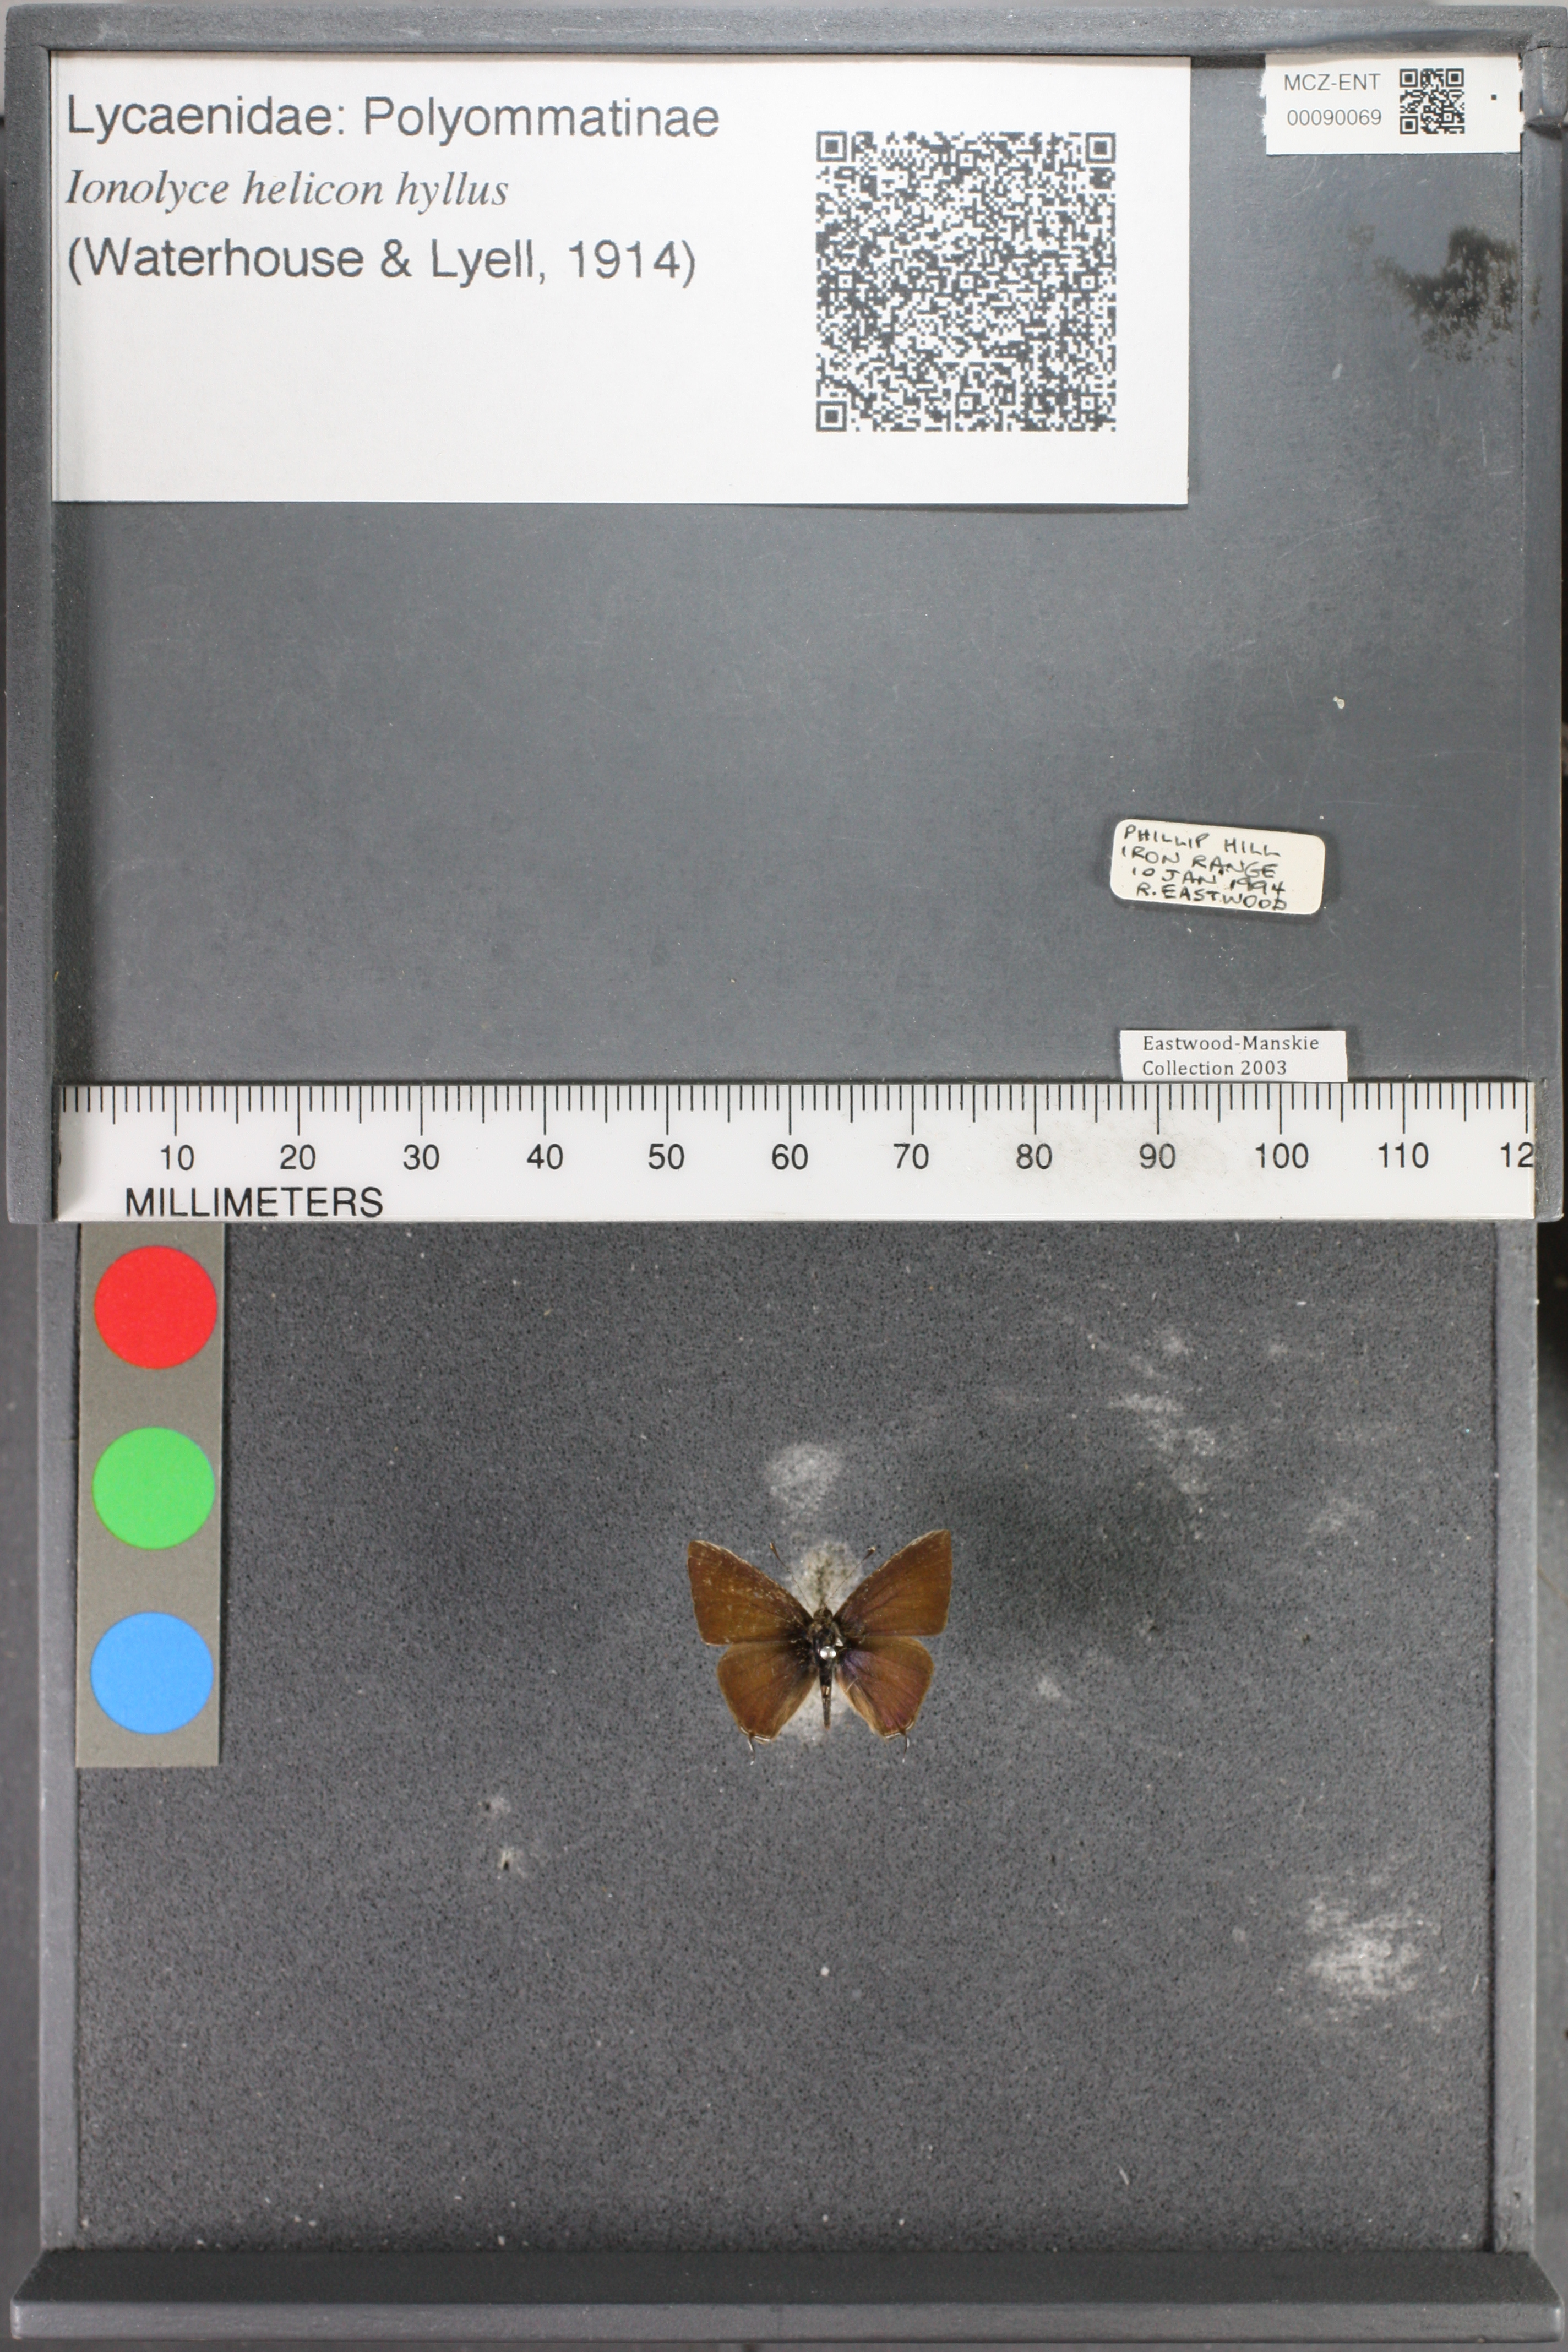 Image of <i>Ionolyce helicon hyllus</i> (Waterhouse & Lyell 1914)